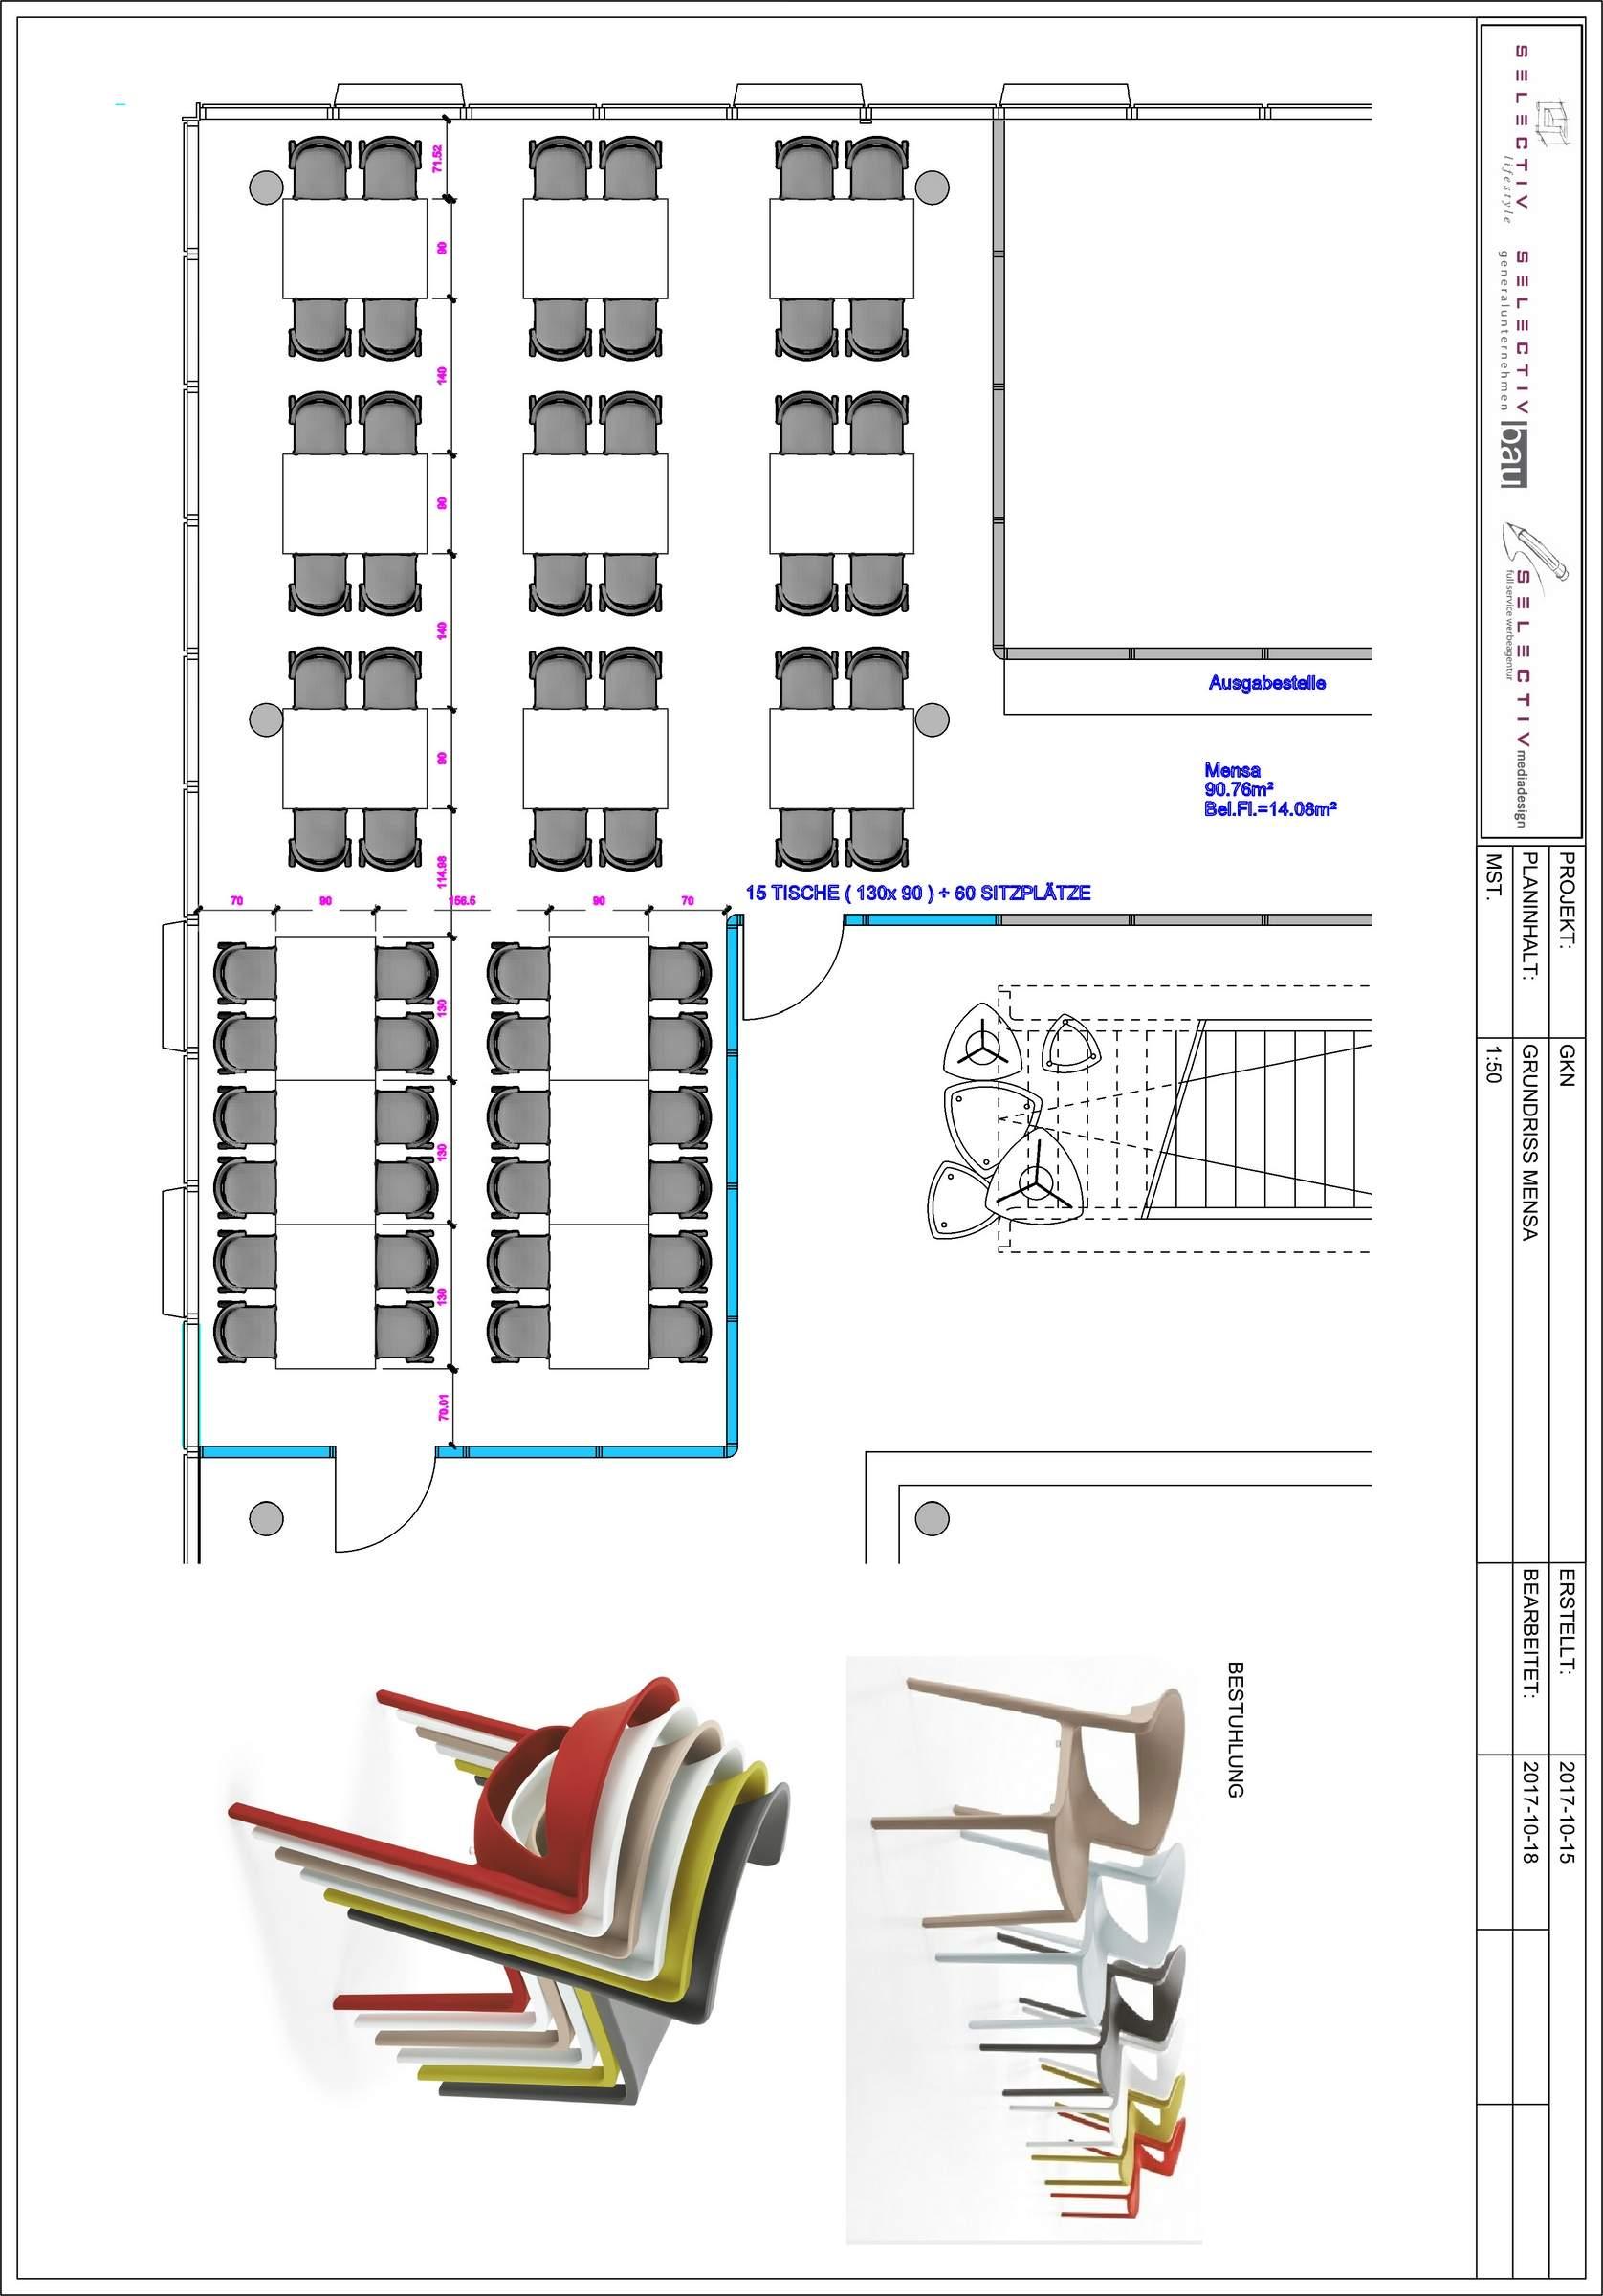 Novit e progetti attuali dei design interni di selectiv for Design degli interni di 1000 m